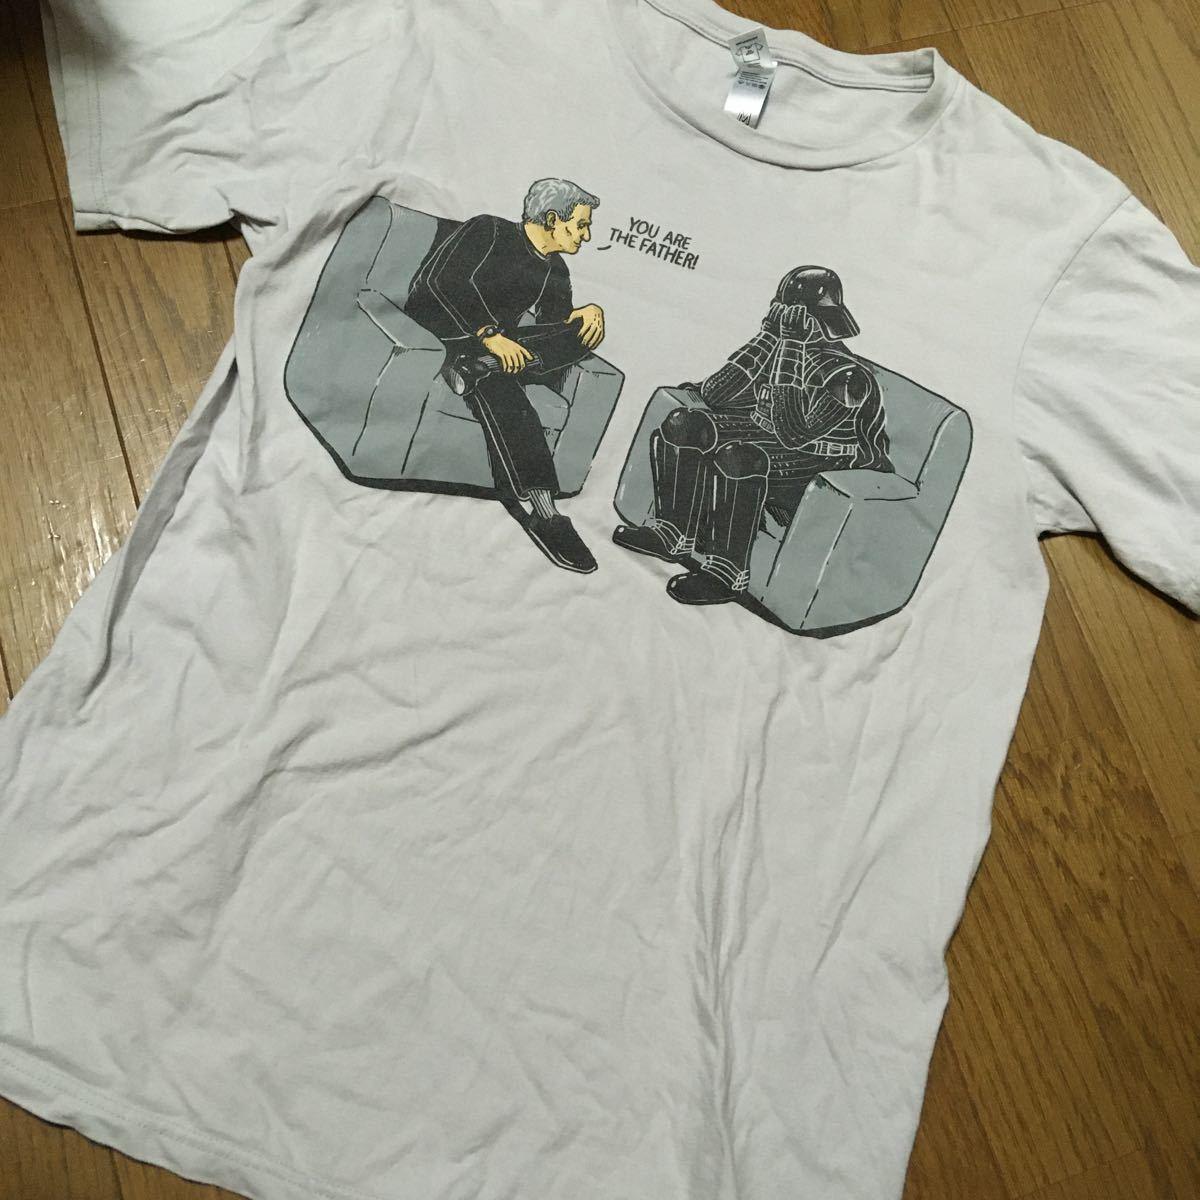 スターウォーズ ダースベイダー ダークサイド シス 暗黒面 映画 半袖Tシャツ